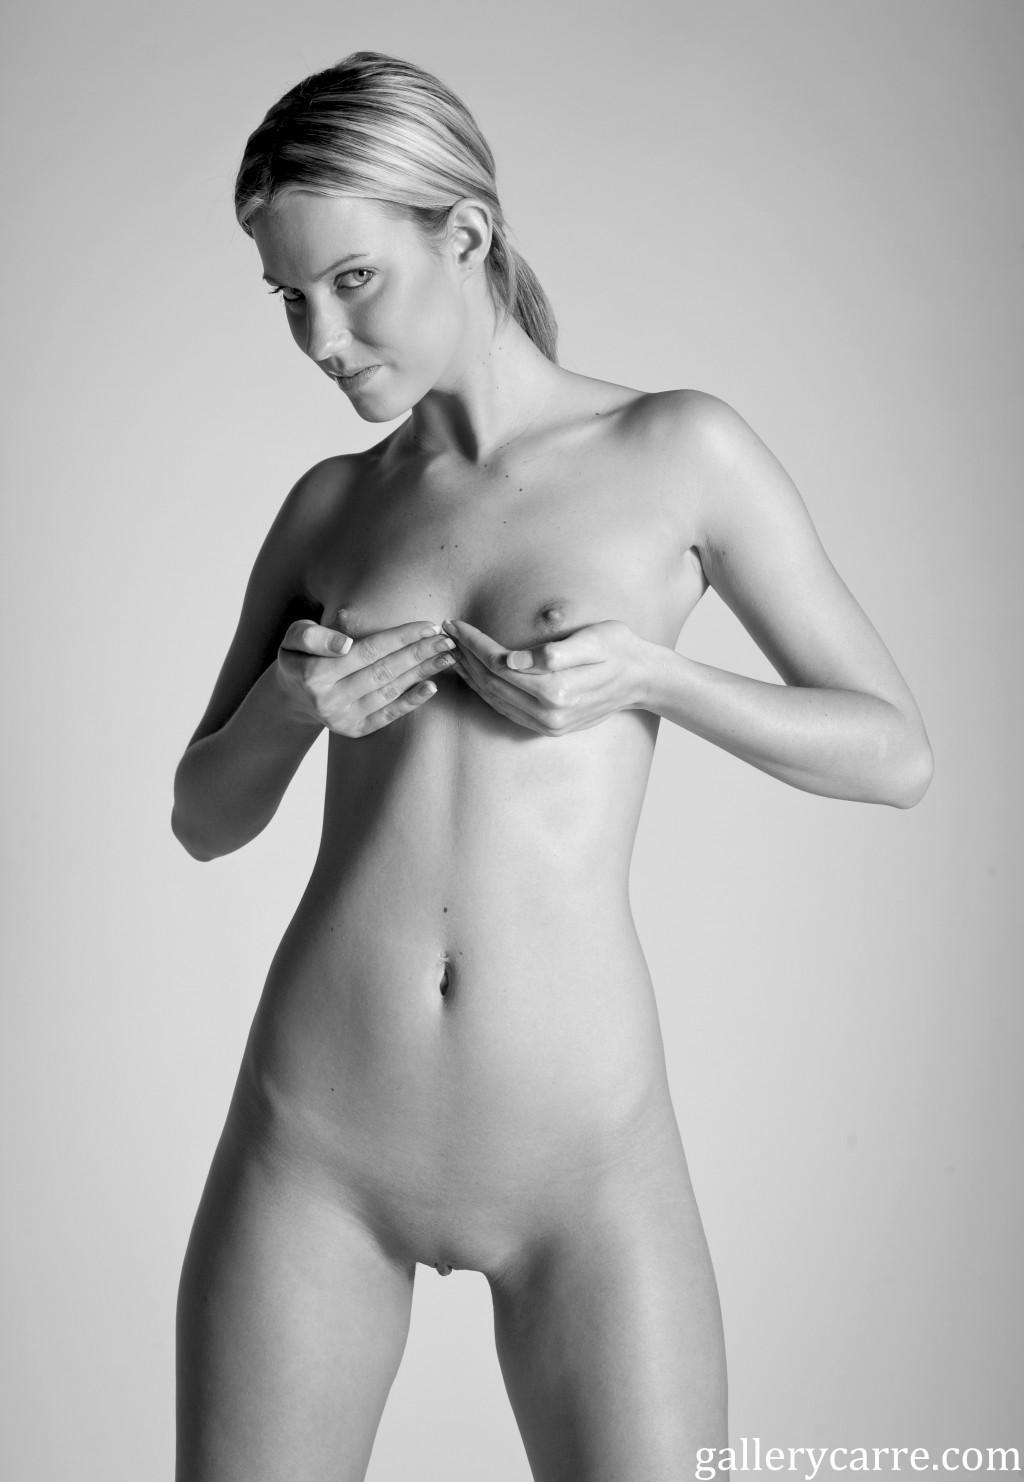 eldre kvinne søker yngre menn ida elise broch nude